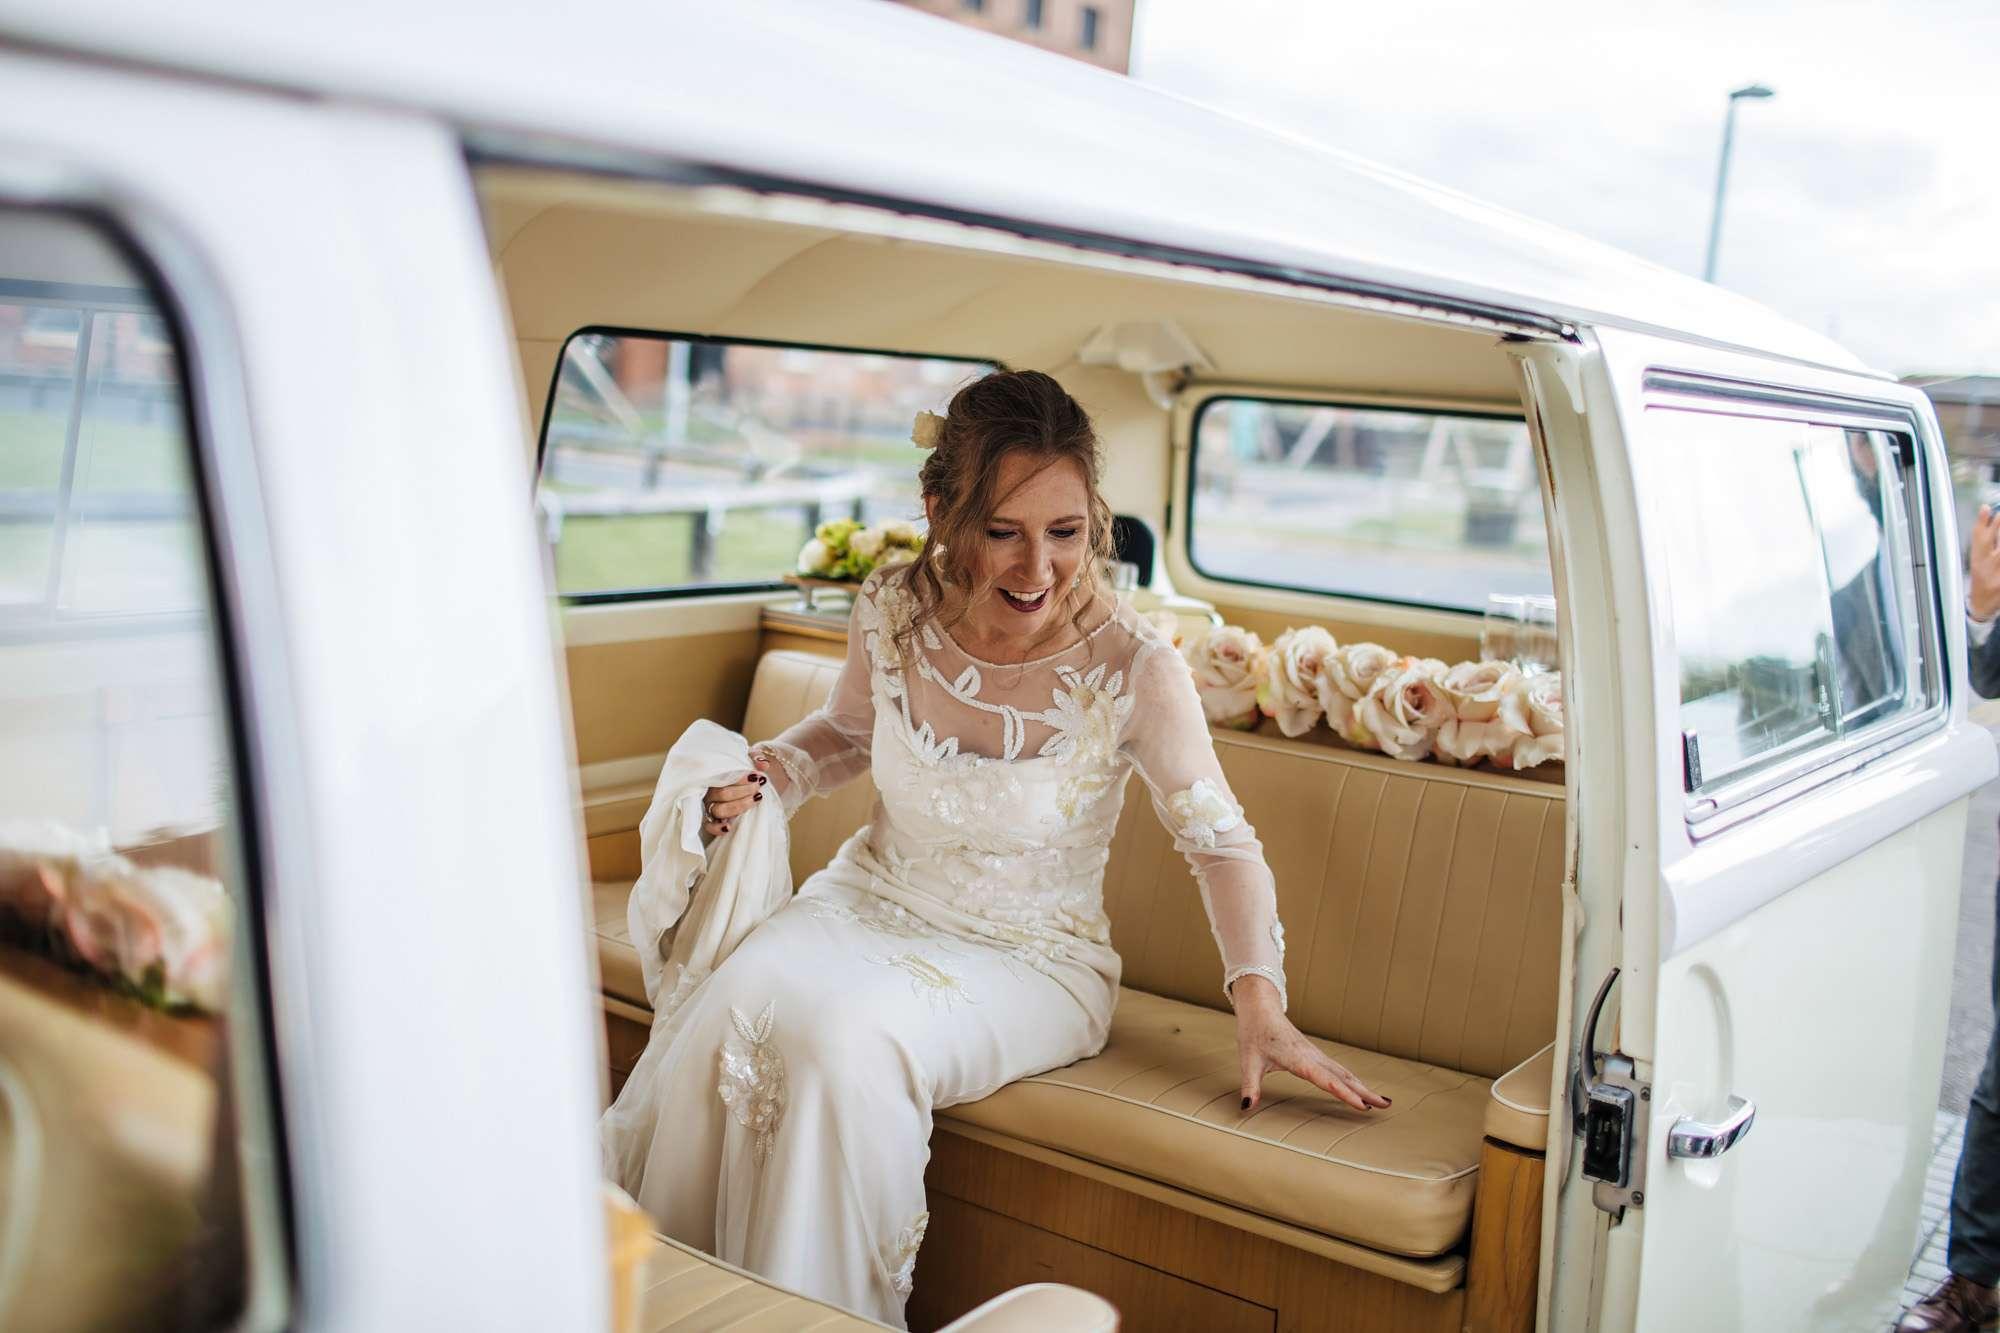 Bride arrives at her wedding in a VW campervan